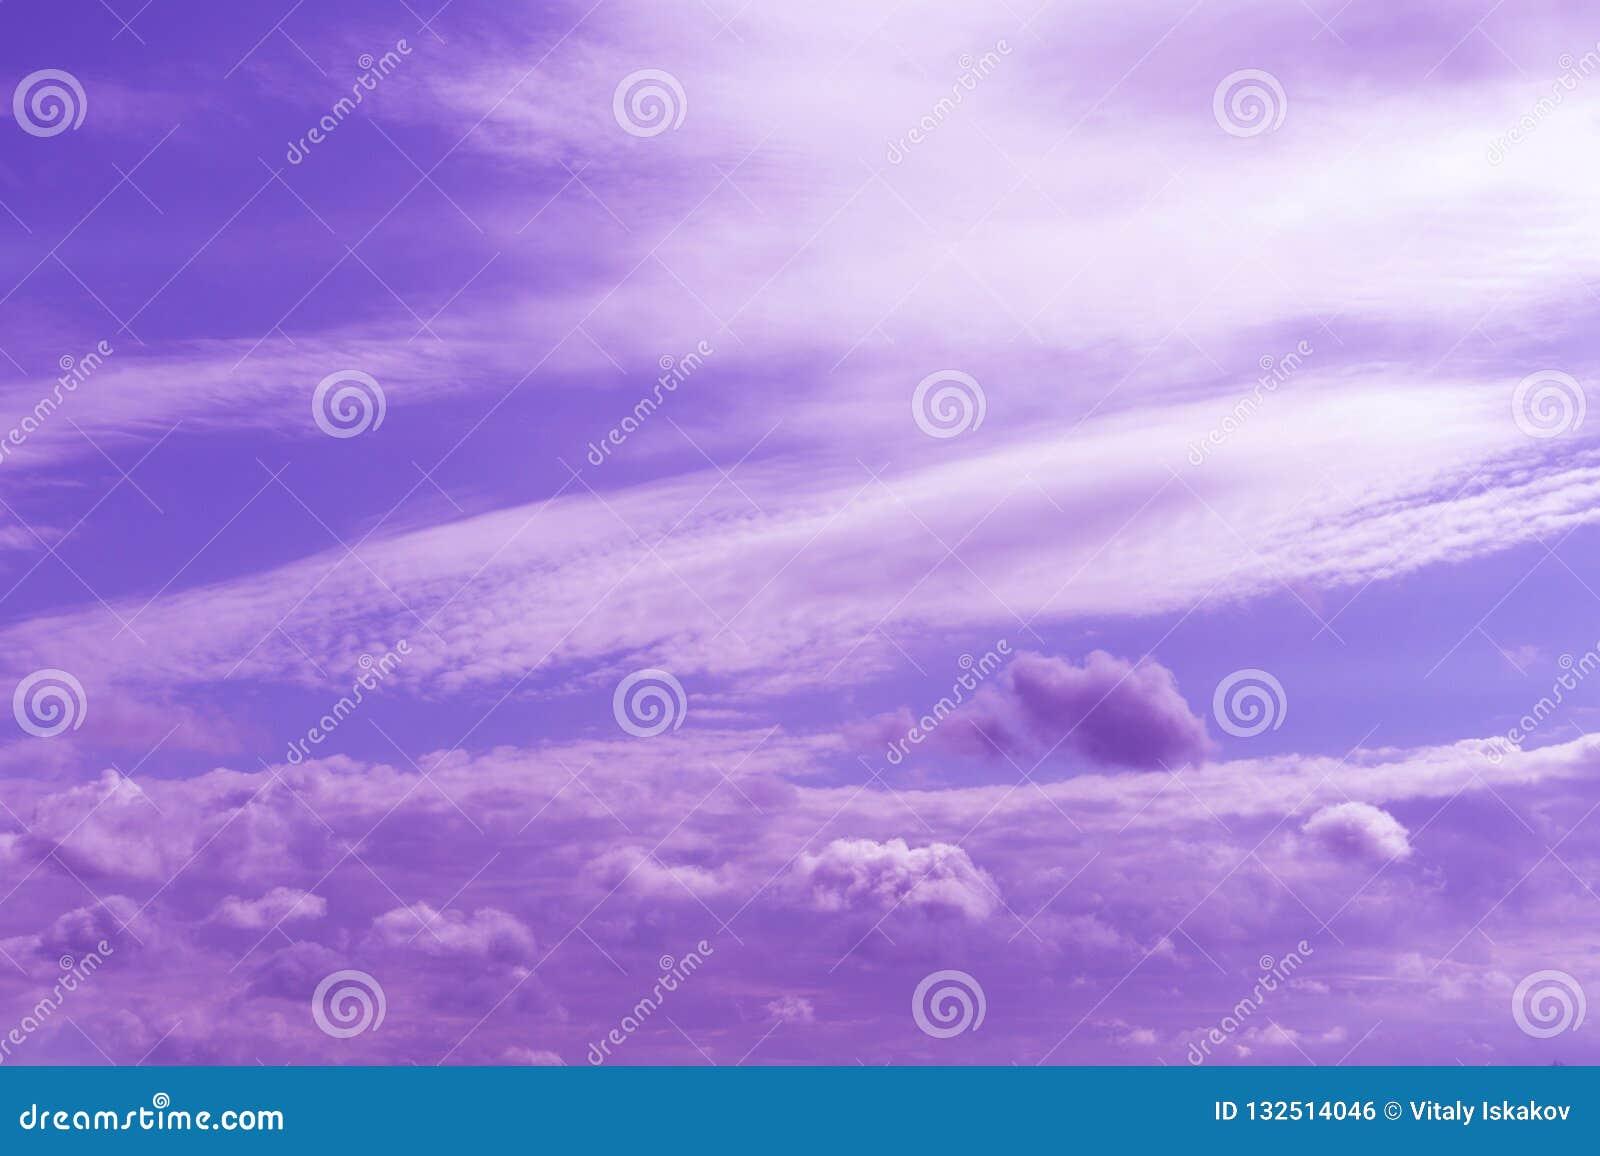 Céu nebuloso azul atmosférico atrás das silhuetas de construções da cidade Fundo roxo e alaranjado do nascer do sol com nuvens de